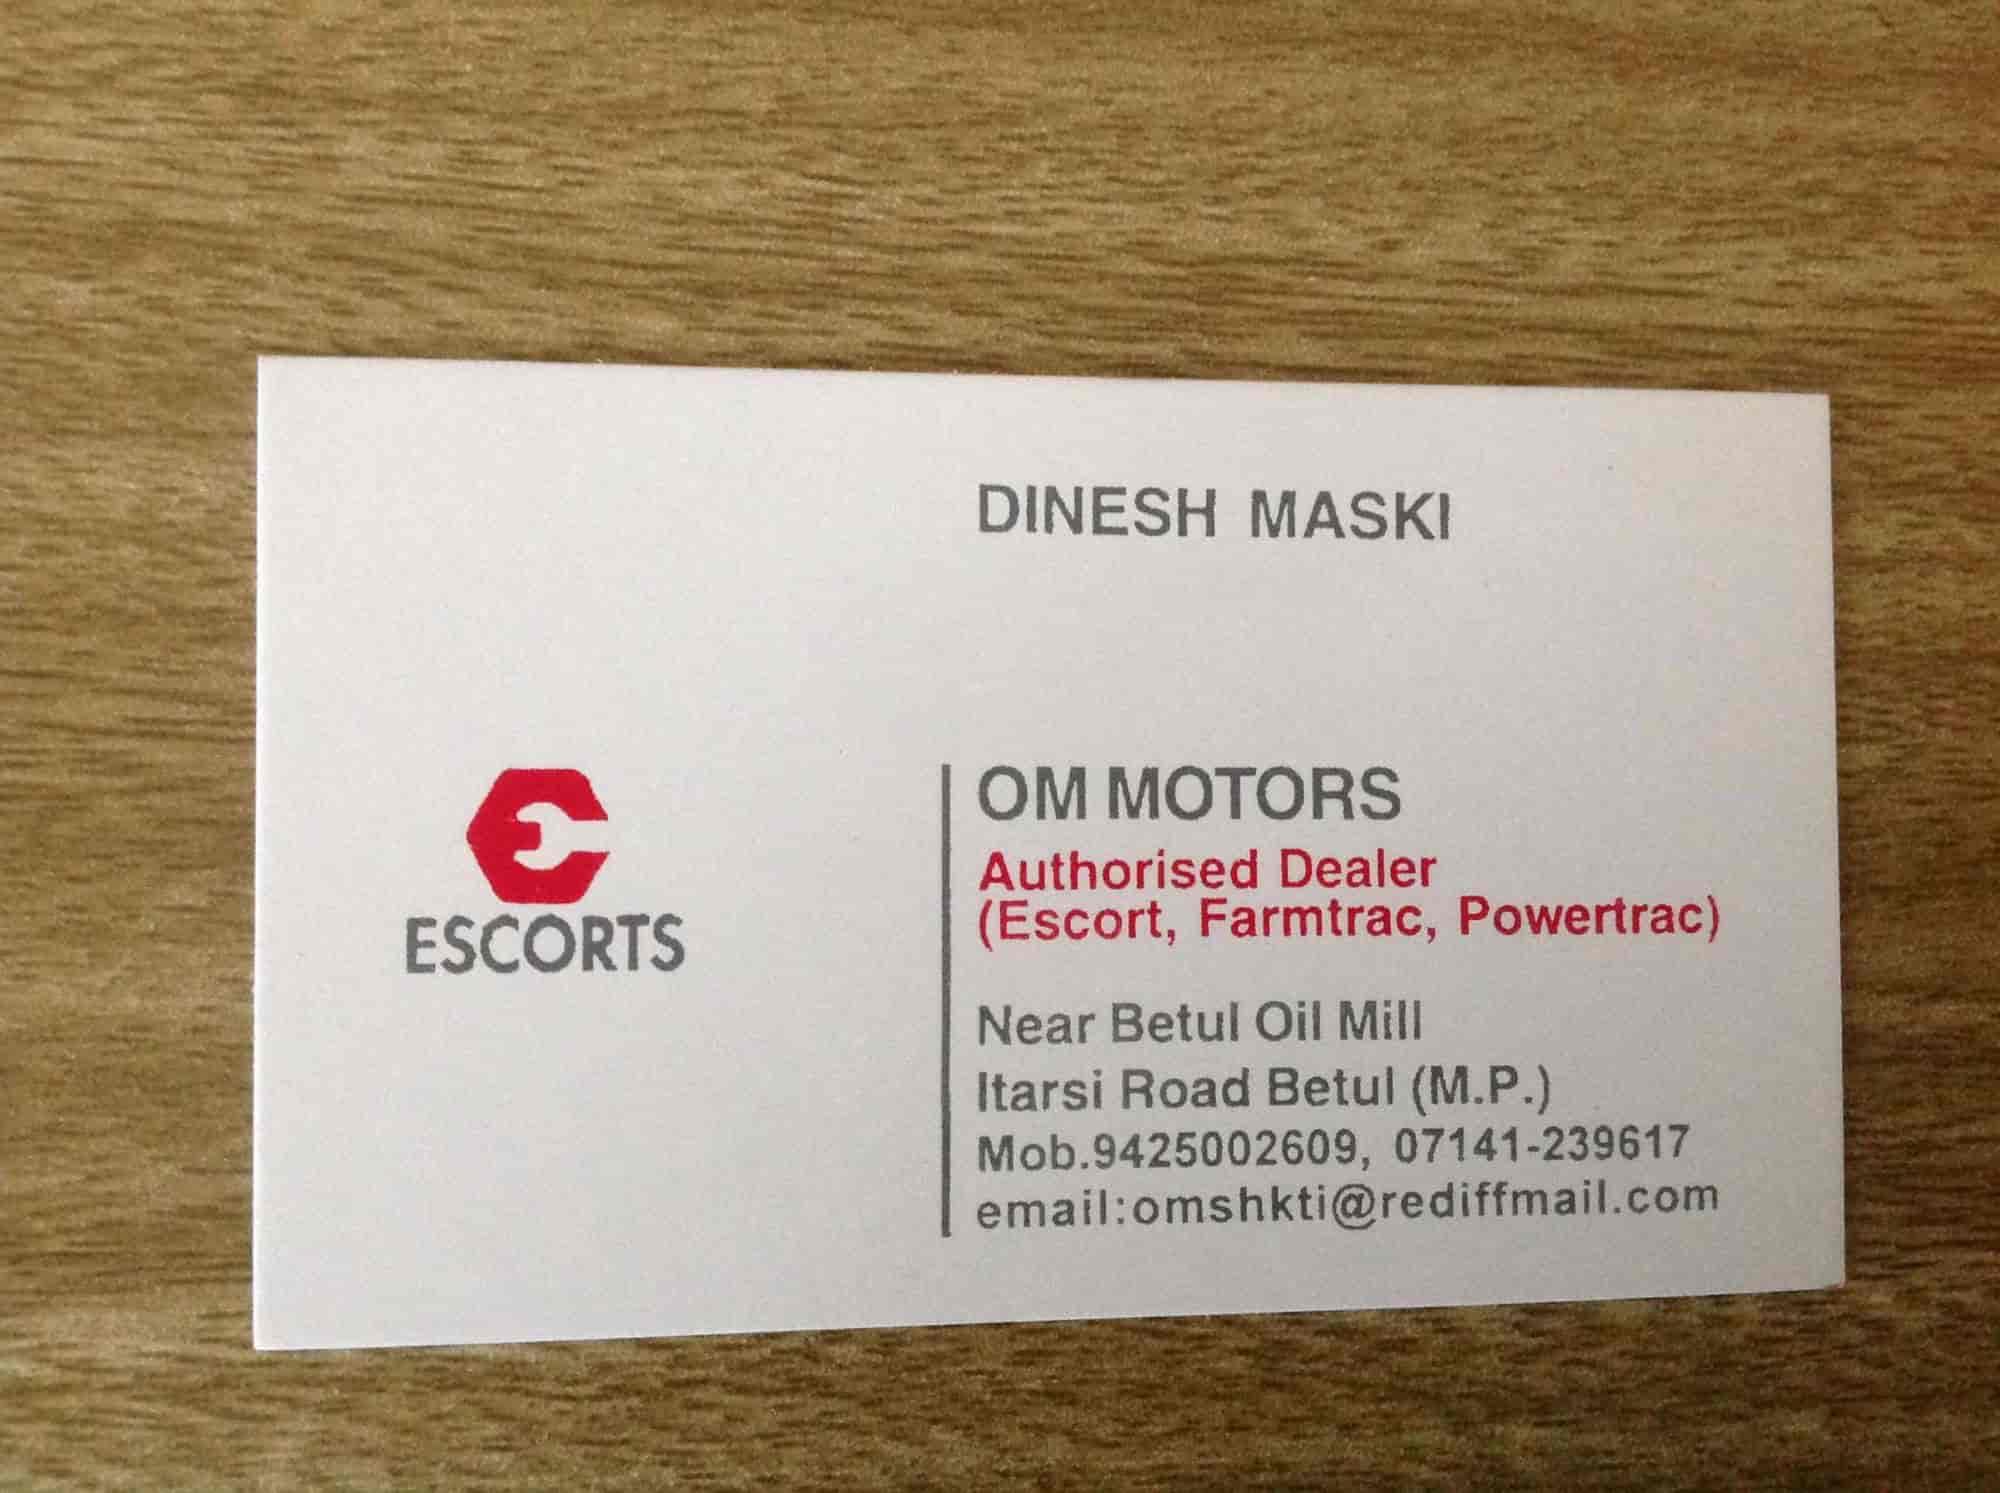 Om Motors - Tractor Dealers in Betul - Justdial